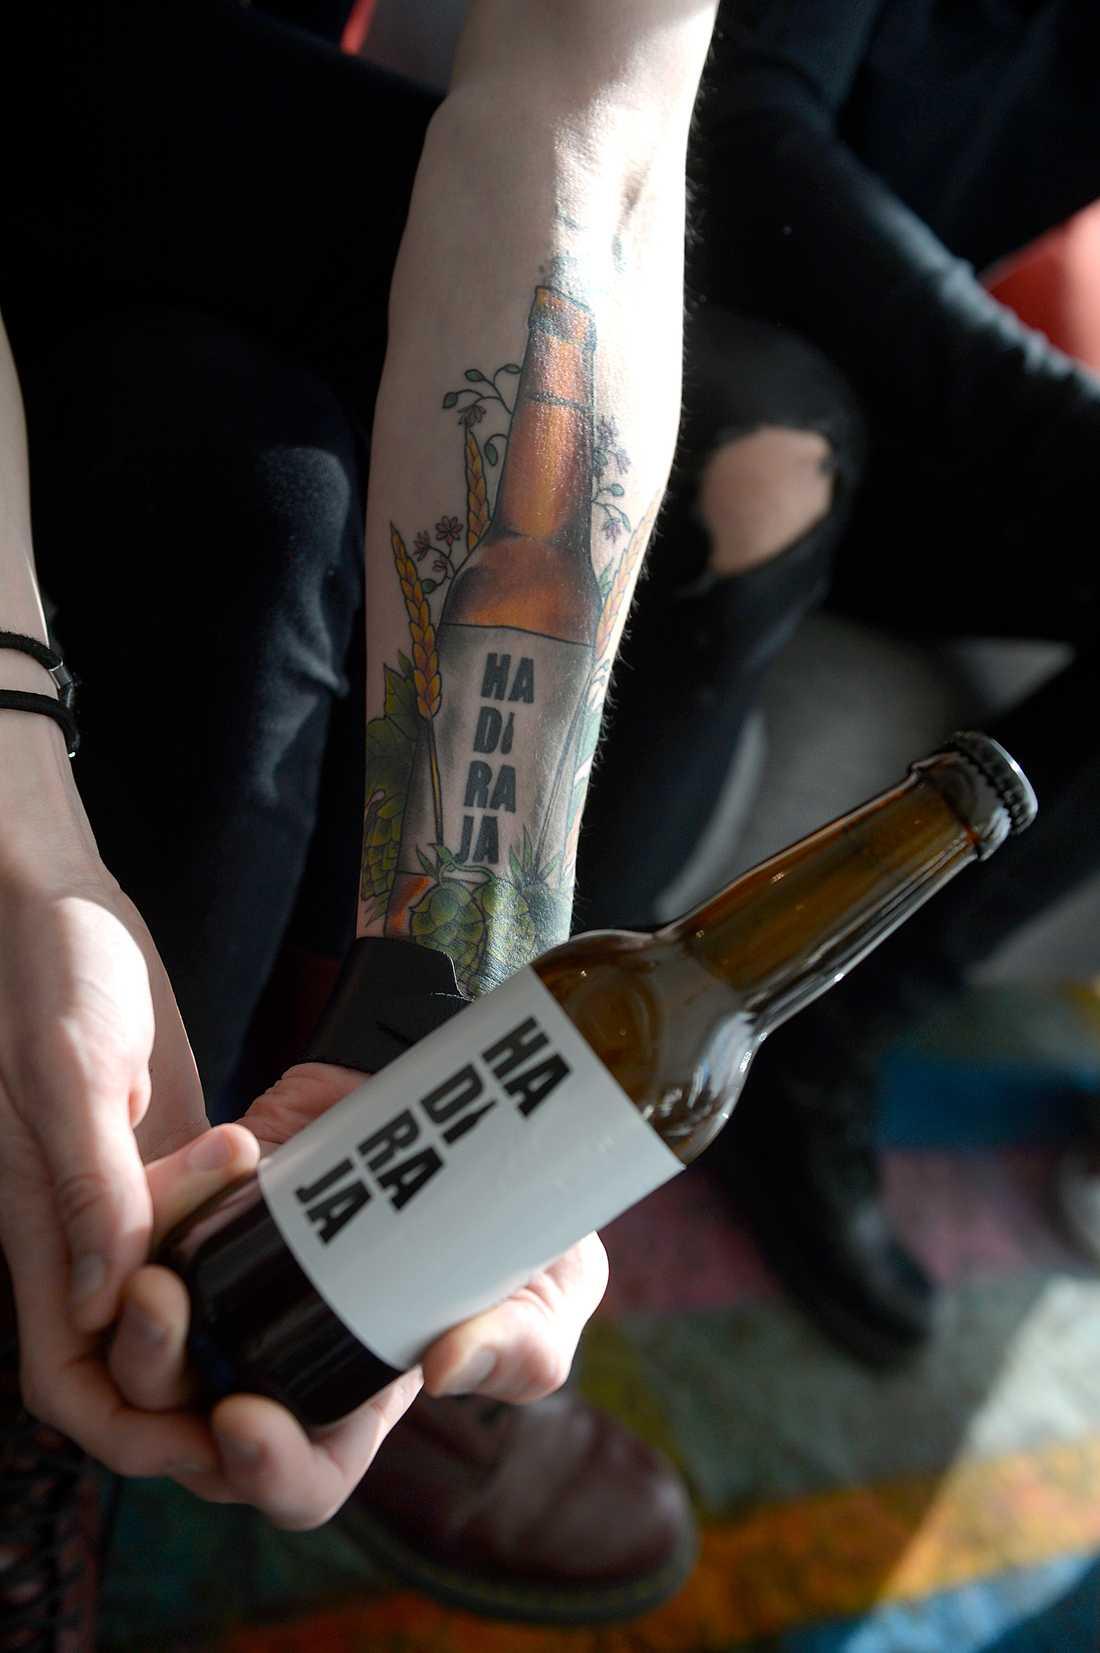 """Erik Grönwalls öl """"Hadiraja"""" har fått sitt namn från Dynamit-Harrys försök till ölbeställning i """"Jönssonligan"""". """"Jag tyckte det var ett så roligt namn"""", säger Erik Grönwall."""